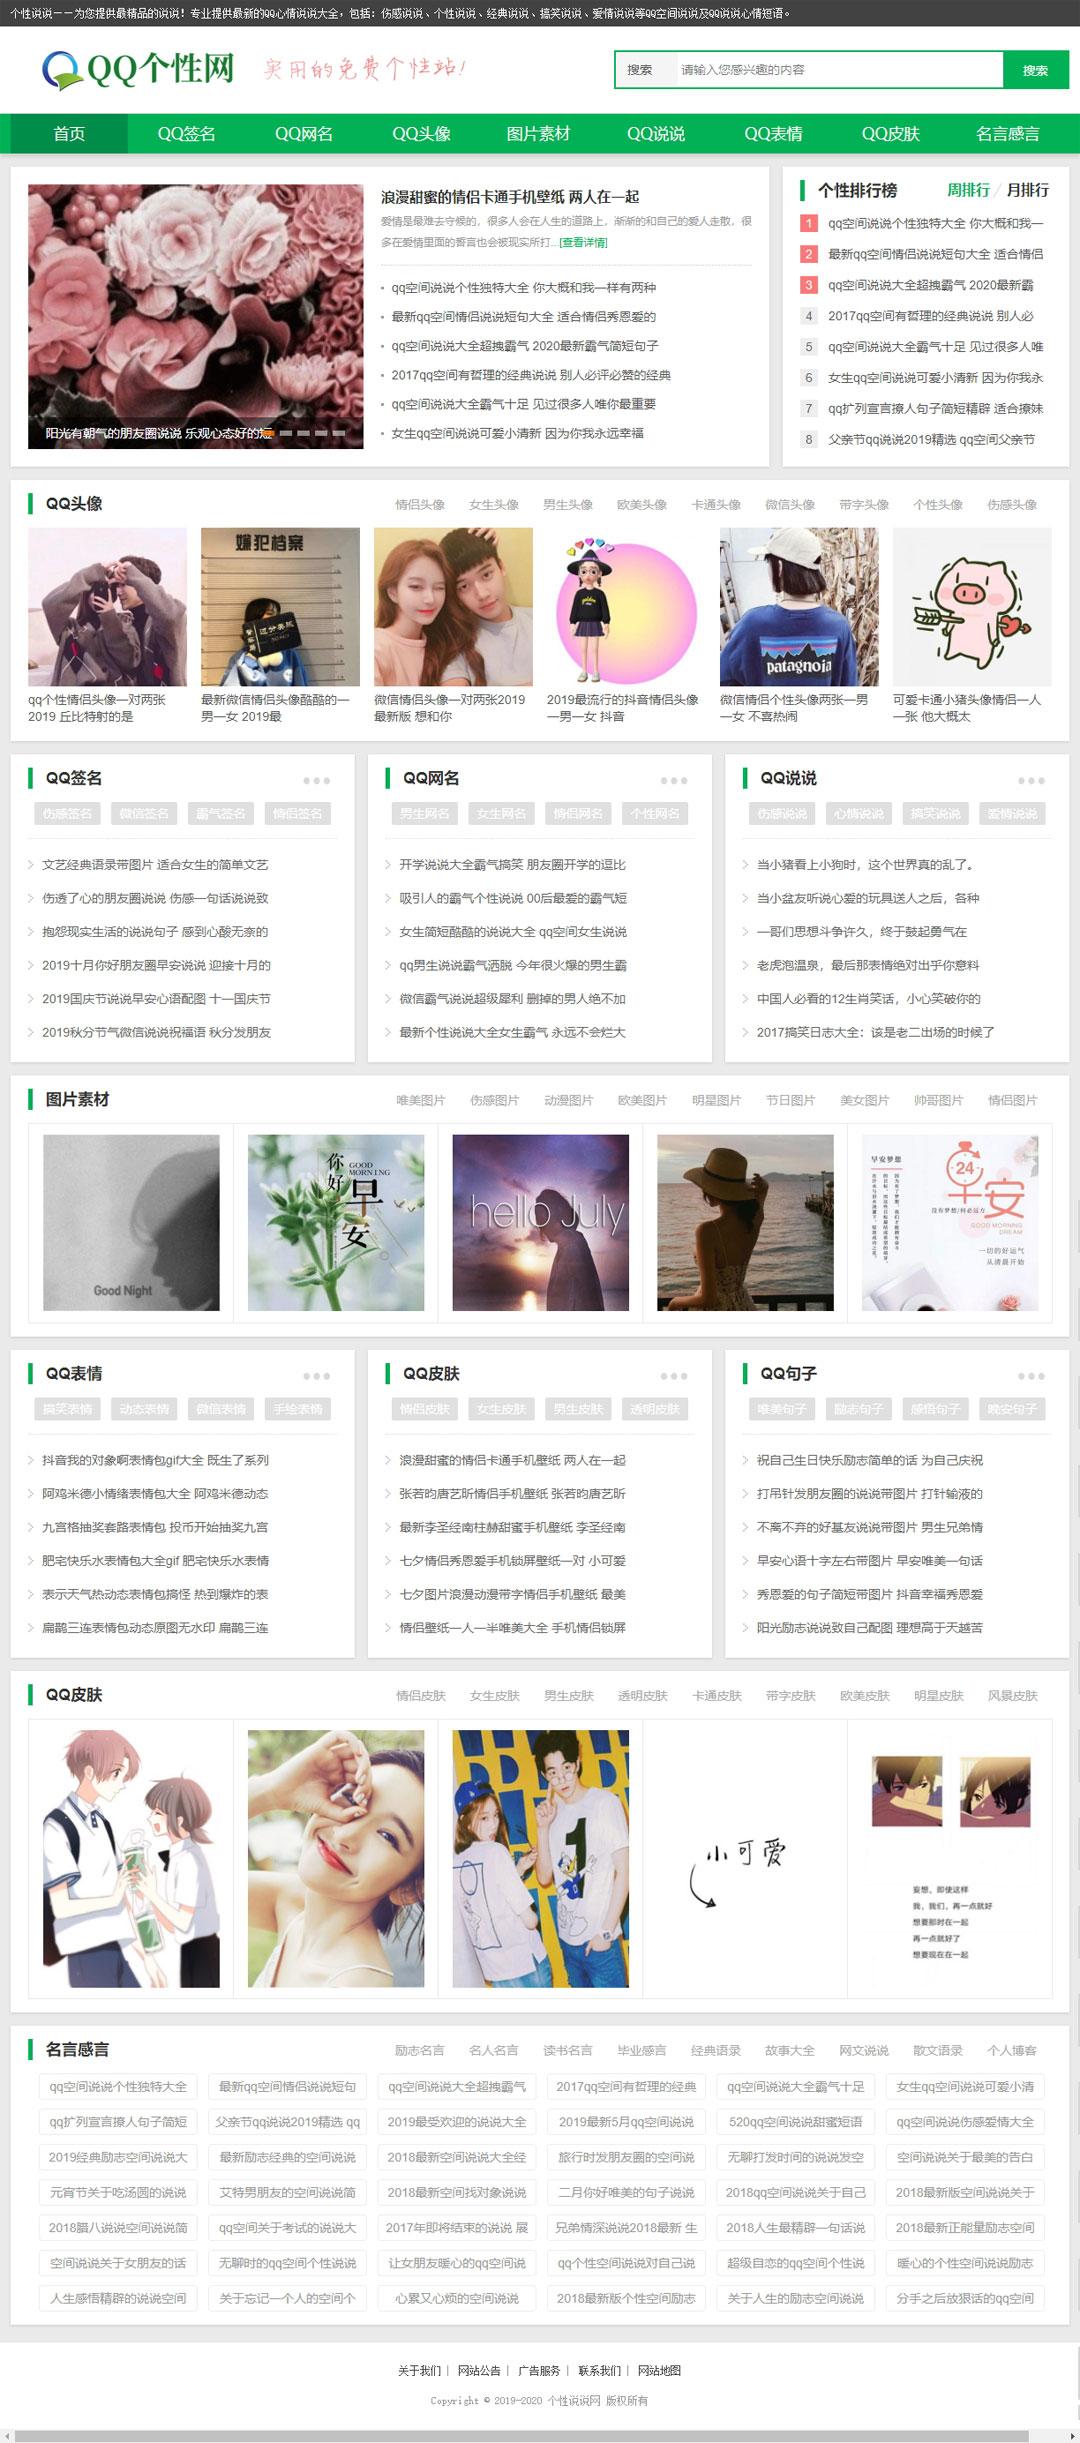 QQ说说个性网 织梦CMS整站模板 带采集-第2张